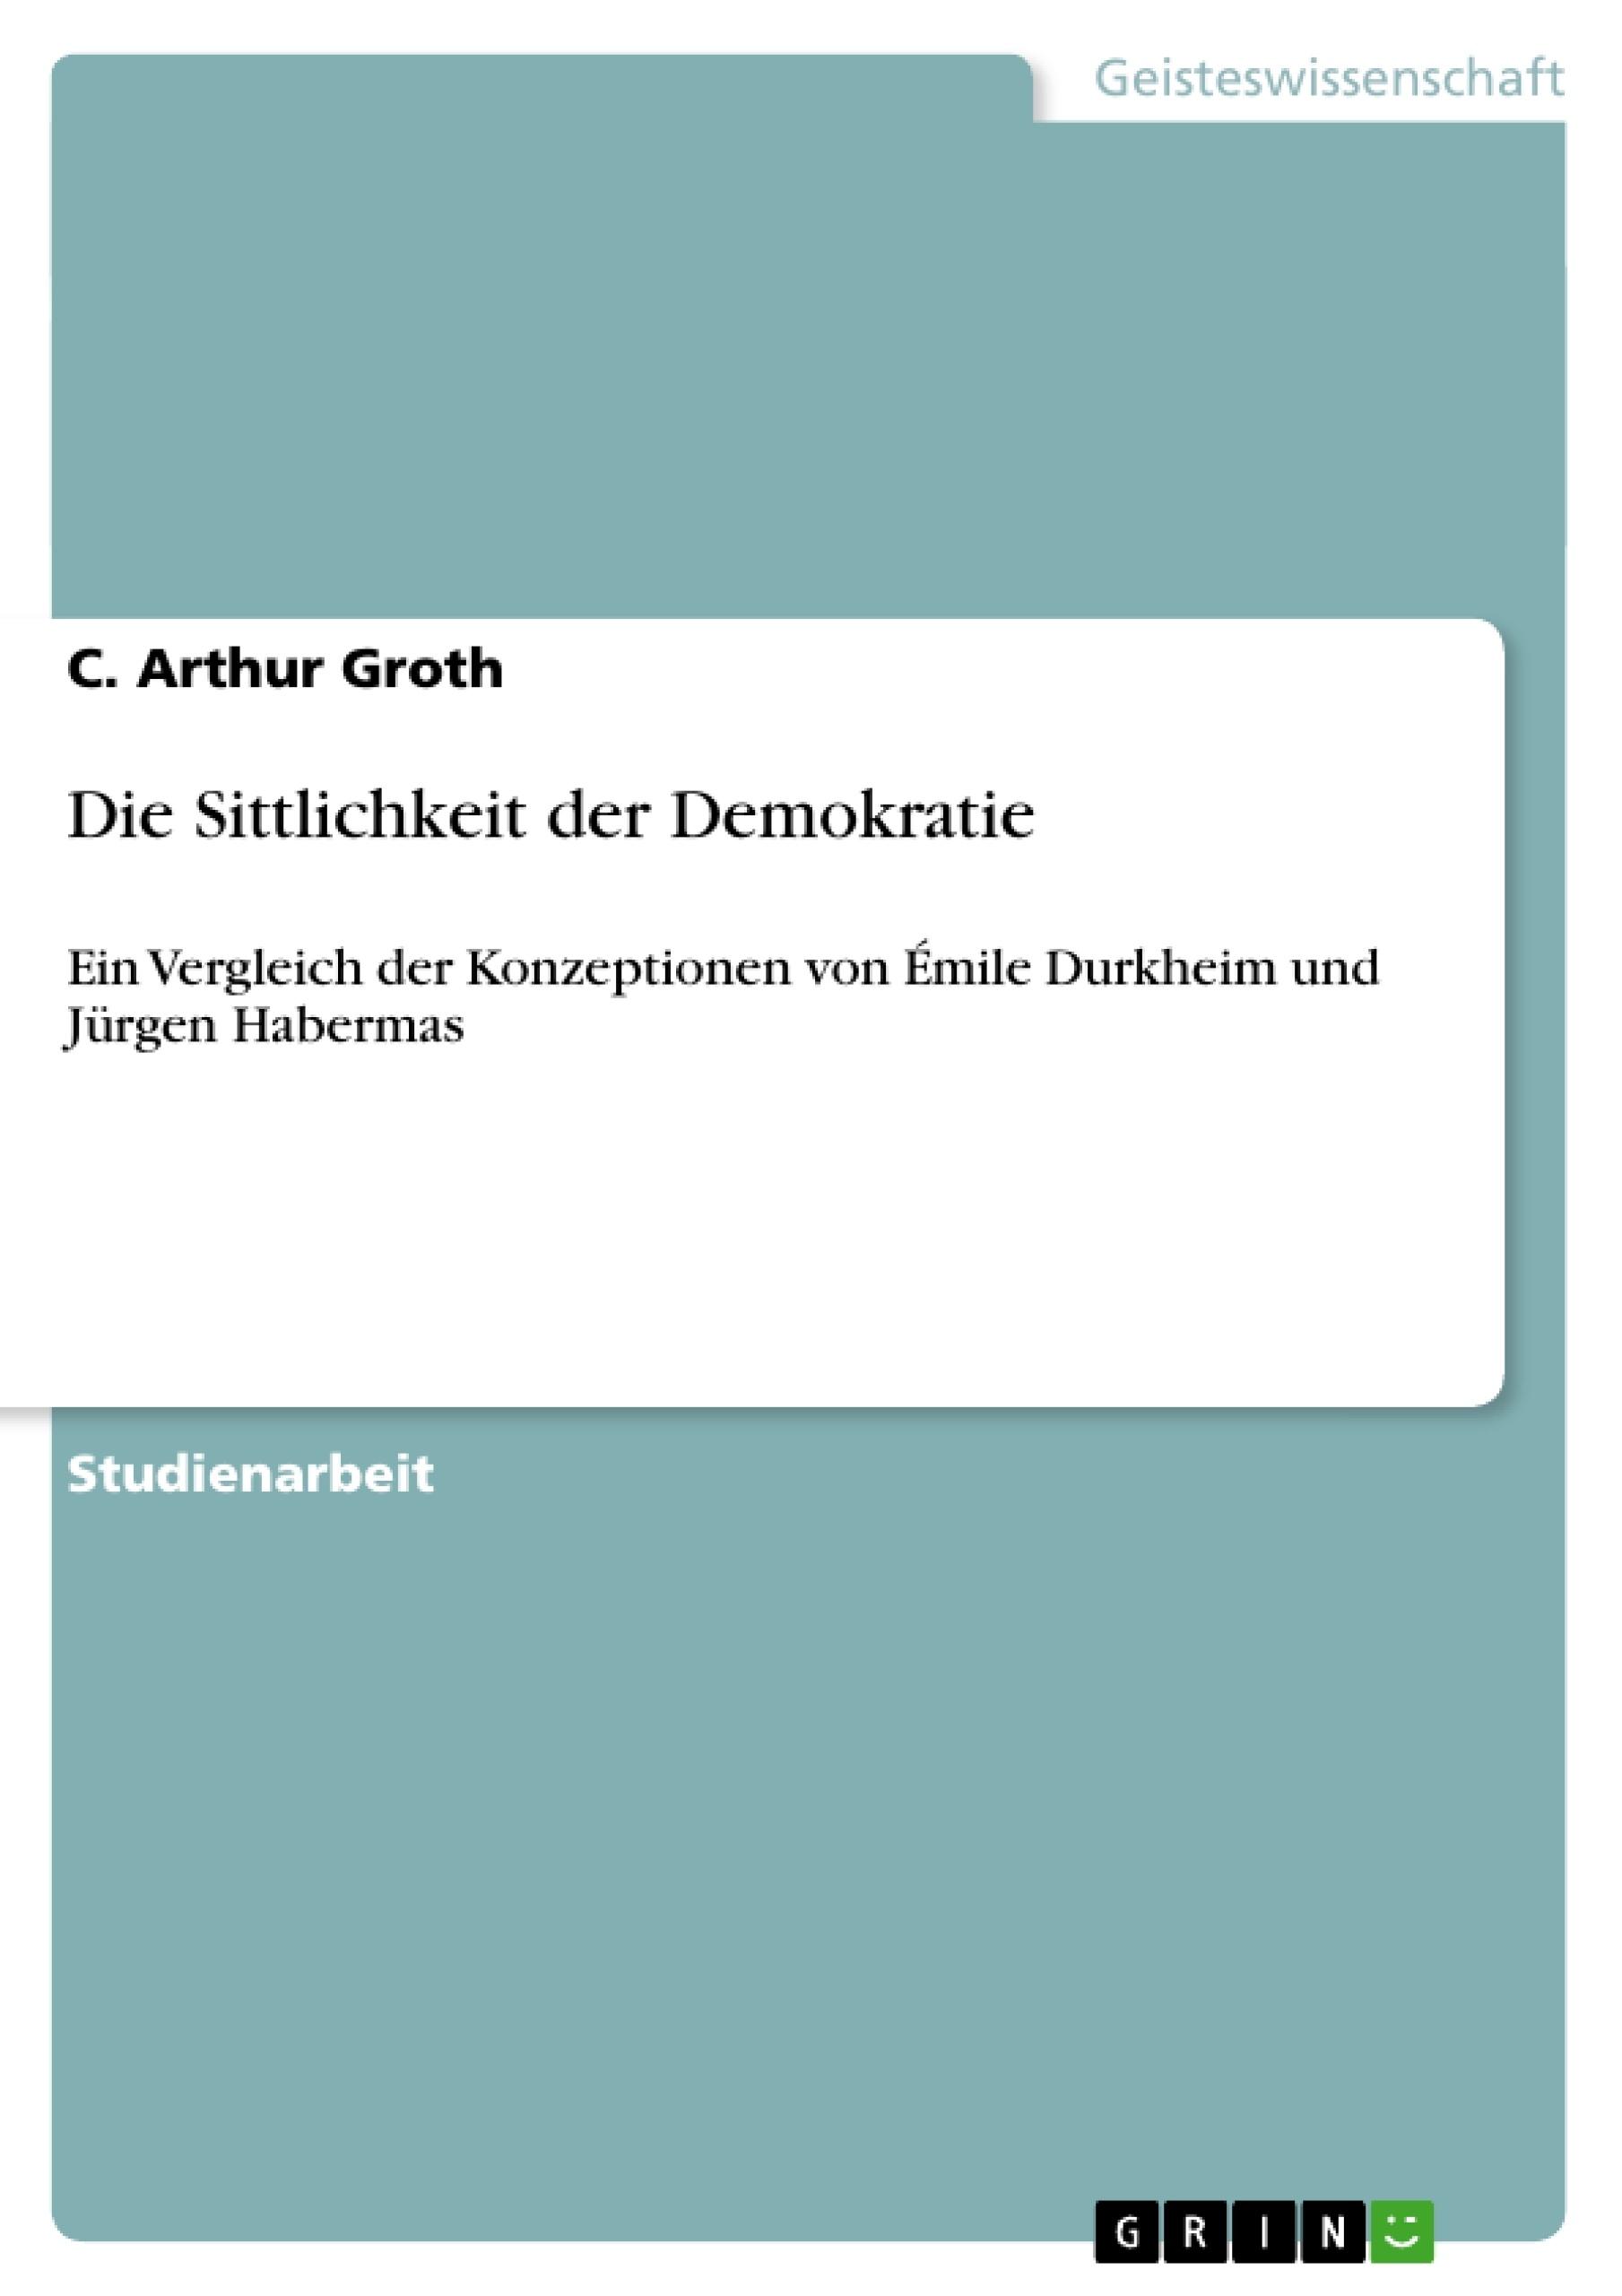 Titel: Die Sittlichkeit der Demokratie